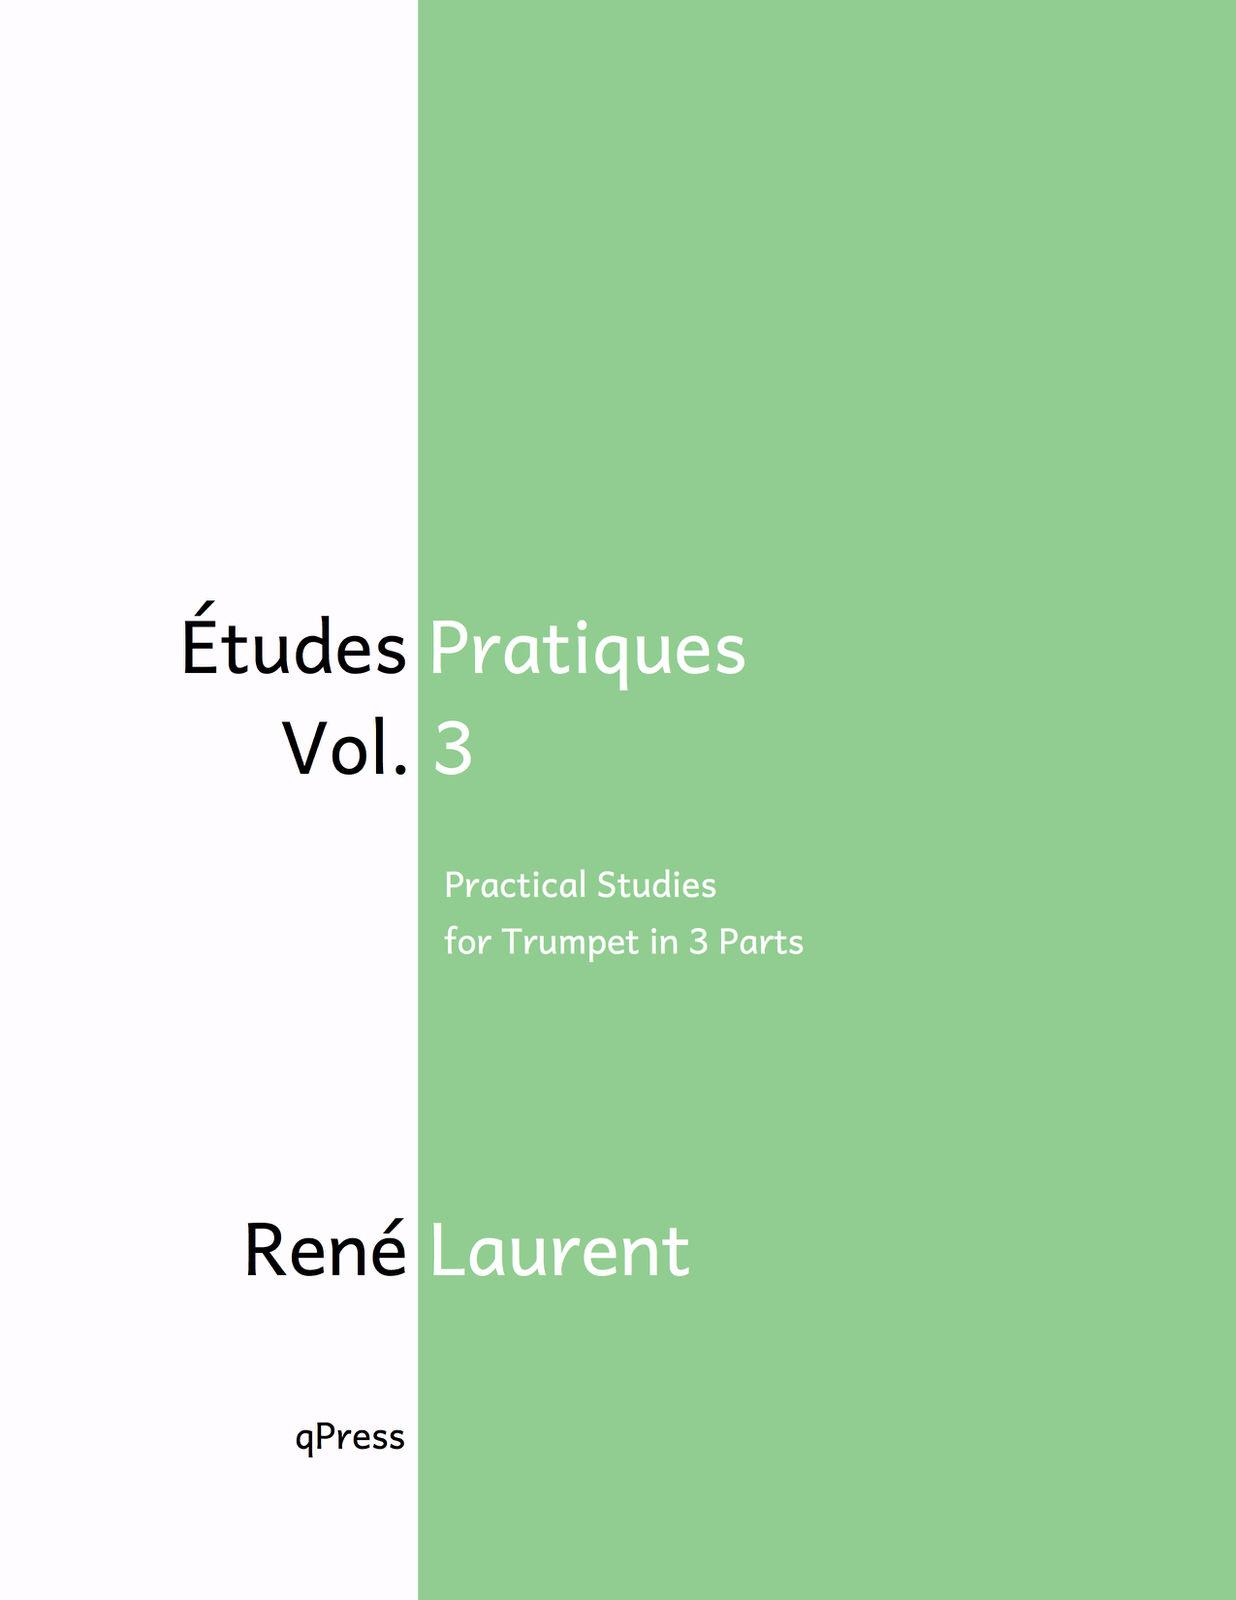 etudes-pratiques-vol-3-cover